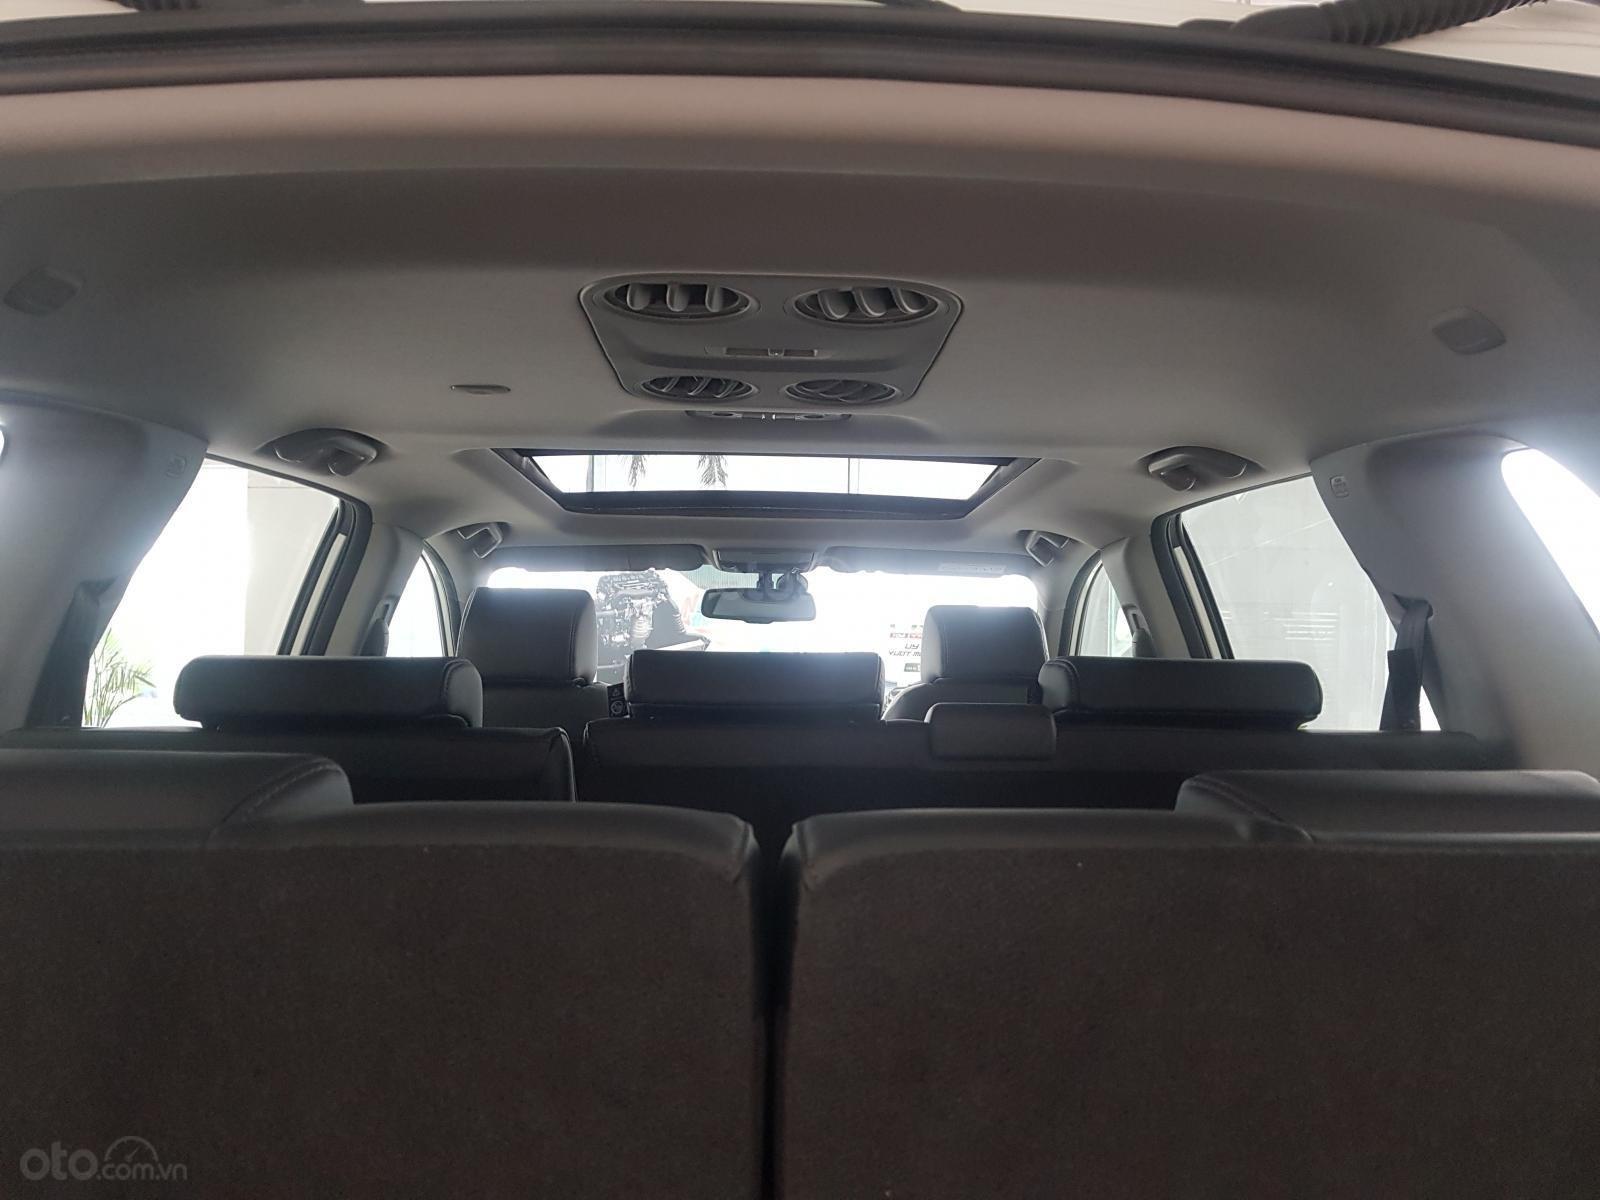 Bán Honda CRV 2019 nhập khẩu, 7 chỗ, giao ngay đủ màu, khuyến mại phụ kiện - LH: 0833578866-10